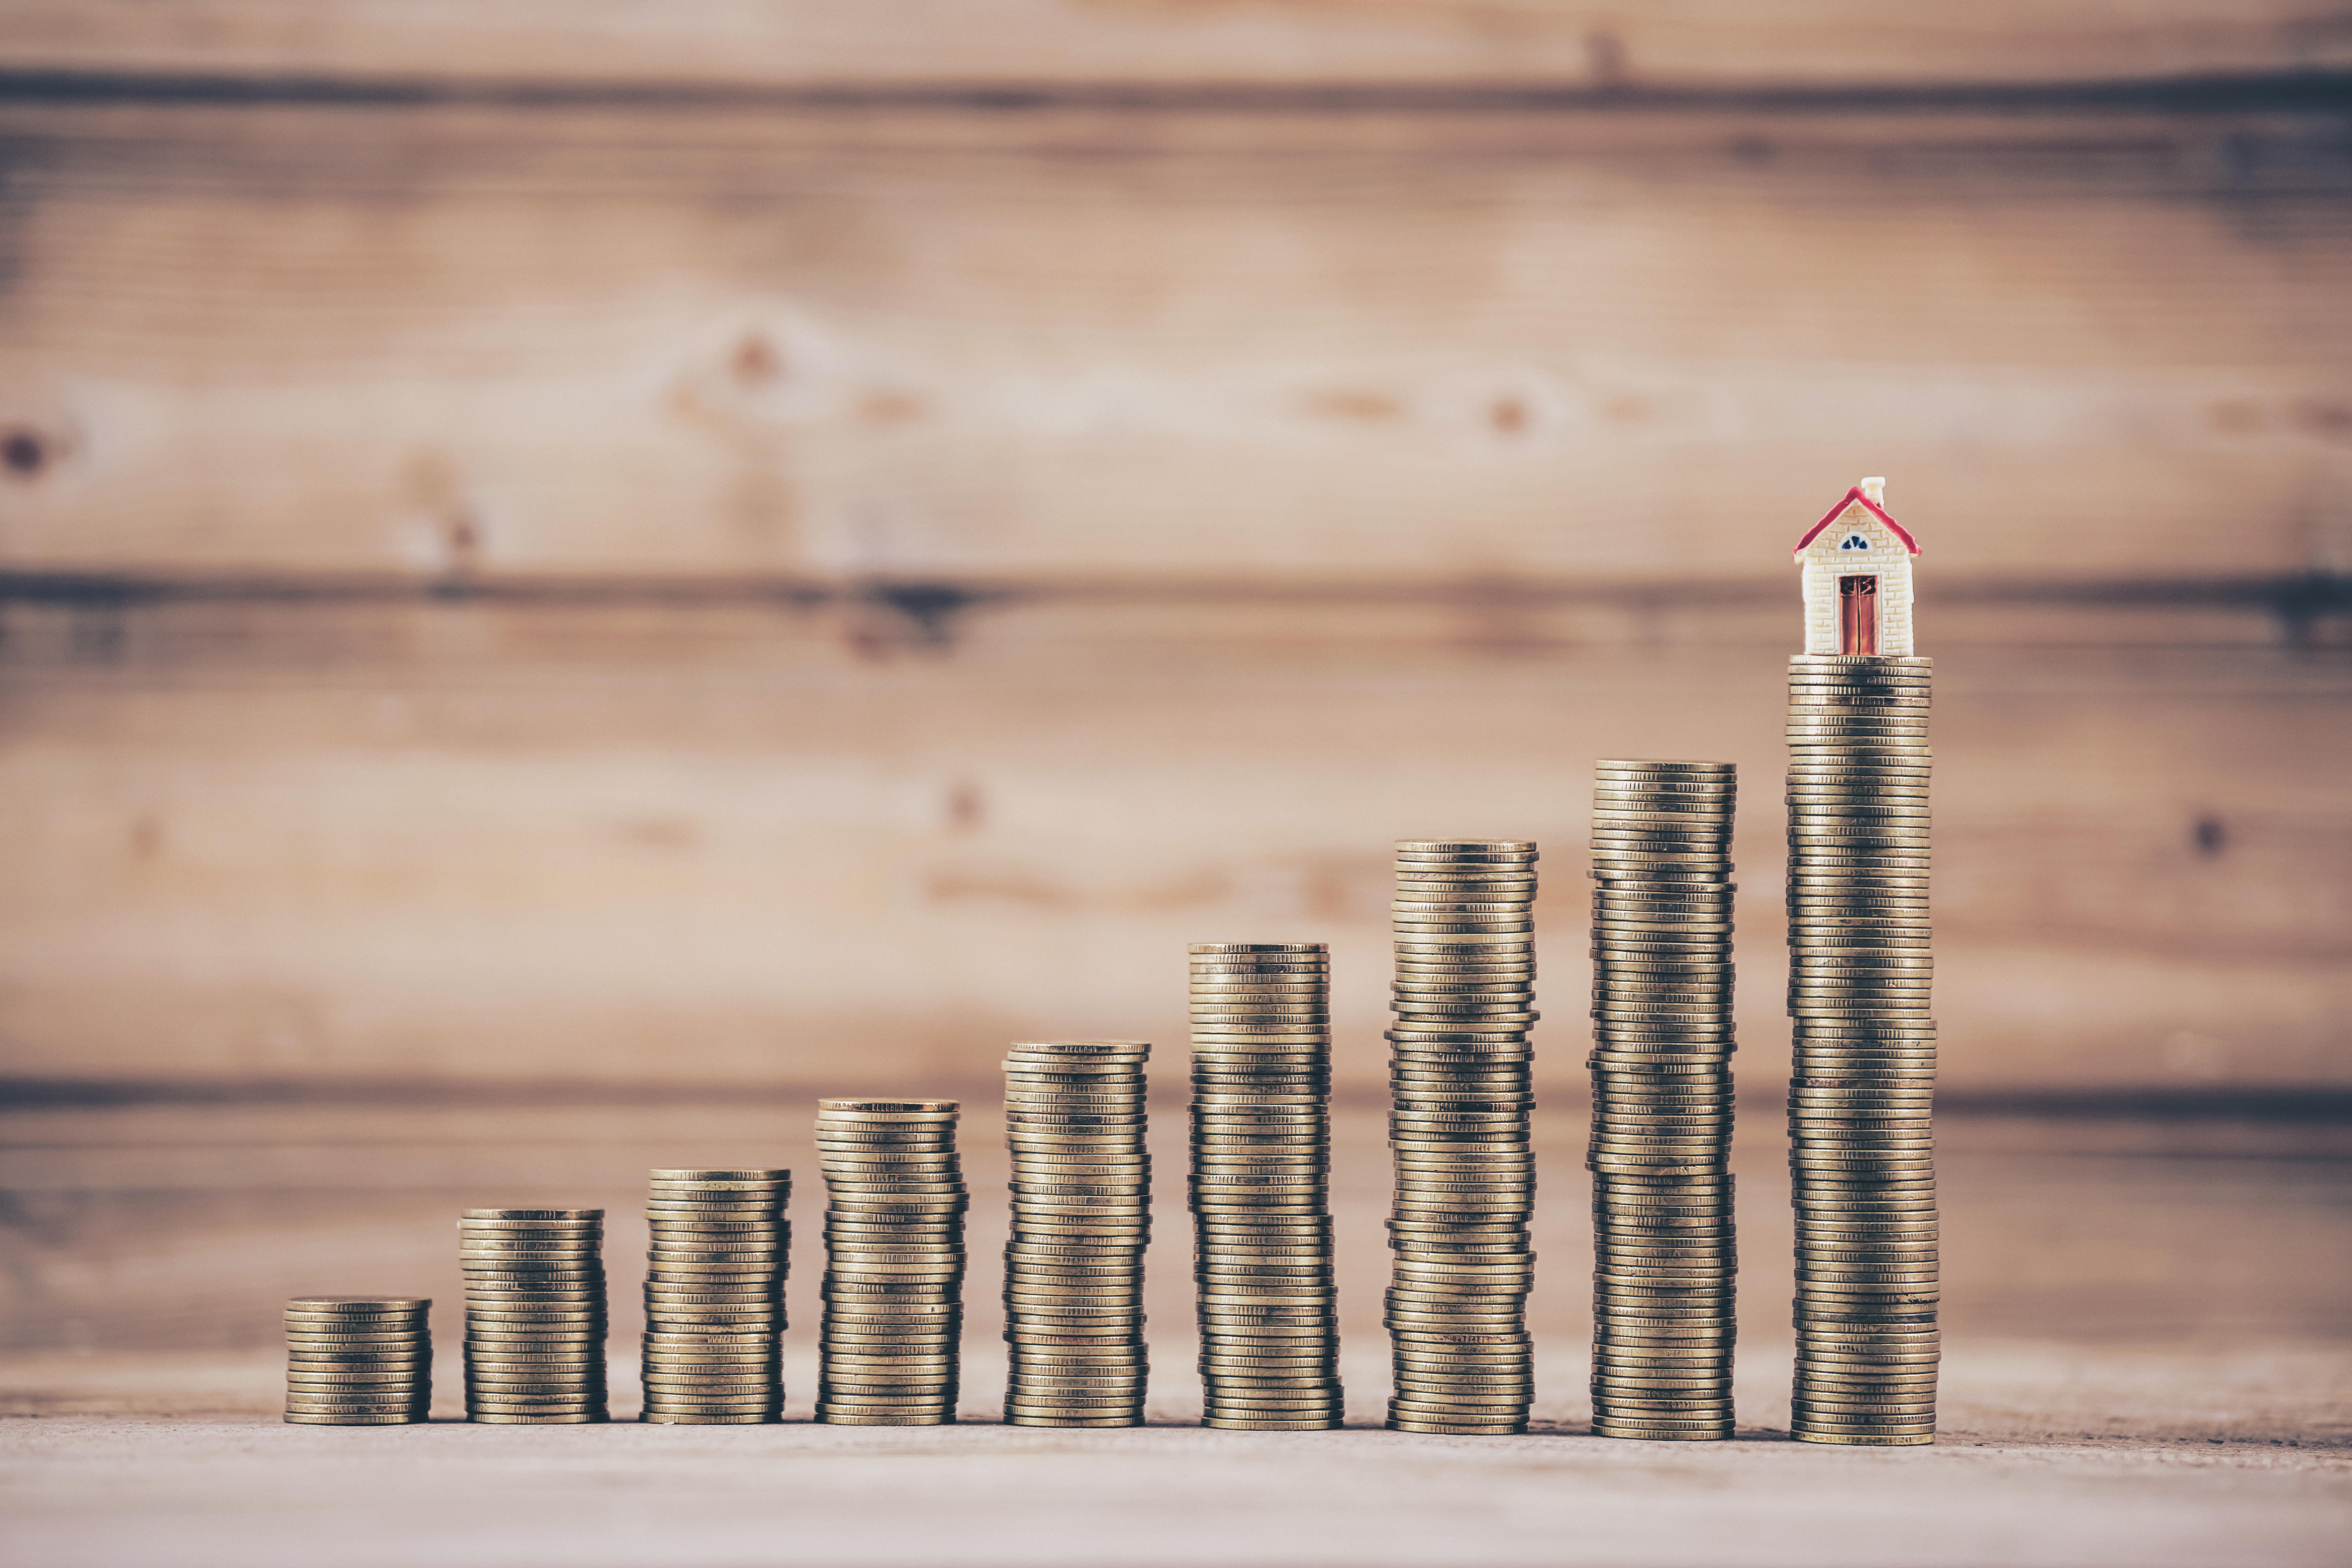 vendre son bien immobilier plus cher